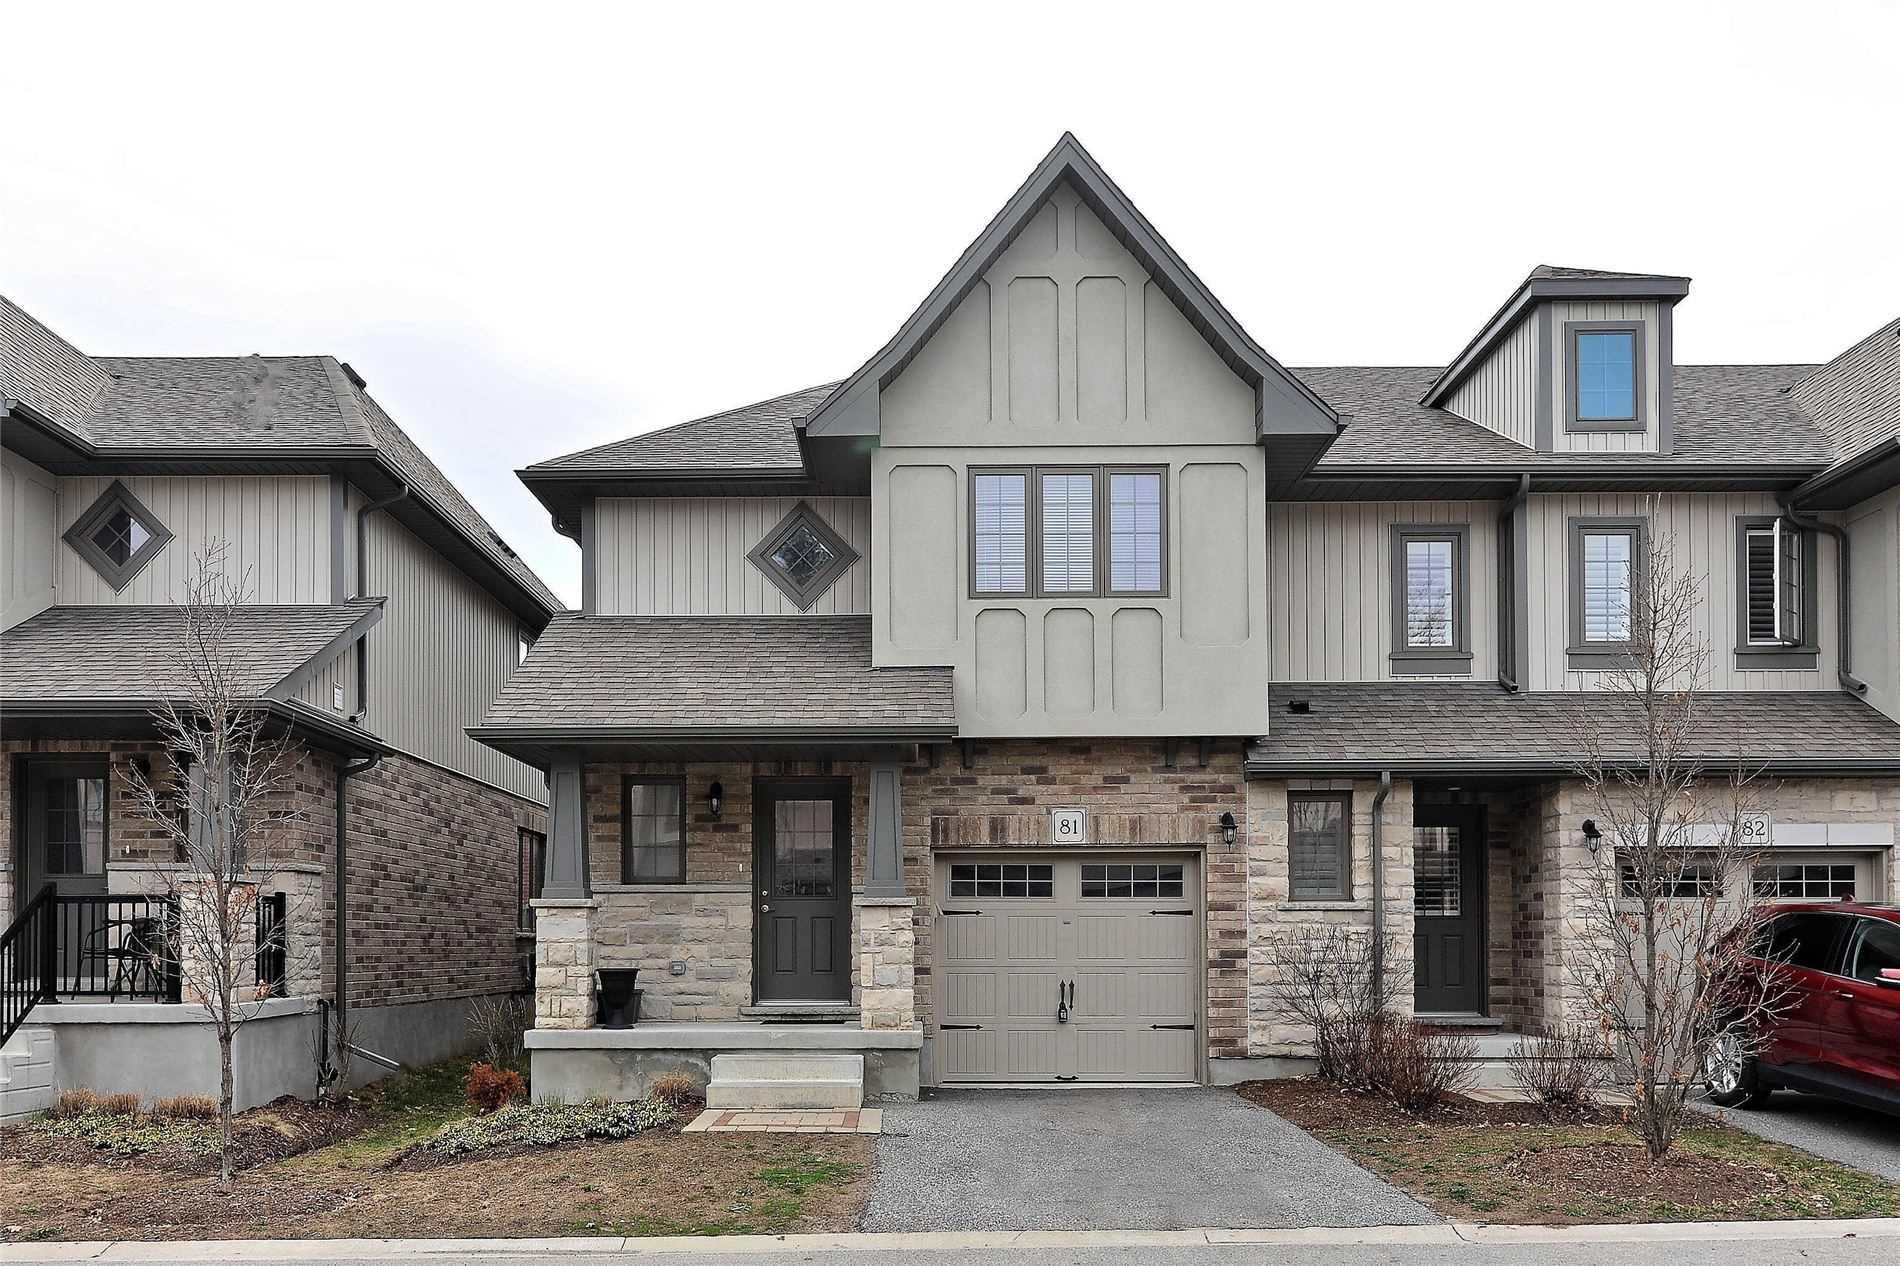 635 Saginaw Pkwy, Cambridge, Ontario N3H1G6, 3 Bedrooms Bedrooms, ,4 BathroomsBathrooms,Condo Townhouse,For Sale,Saginaw,X5189755